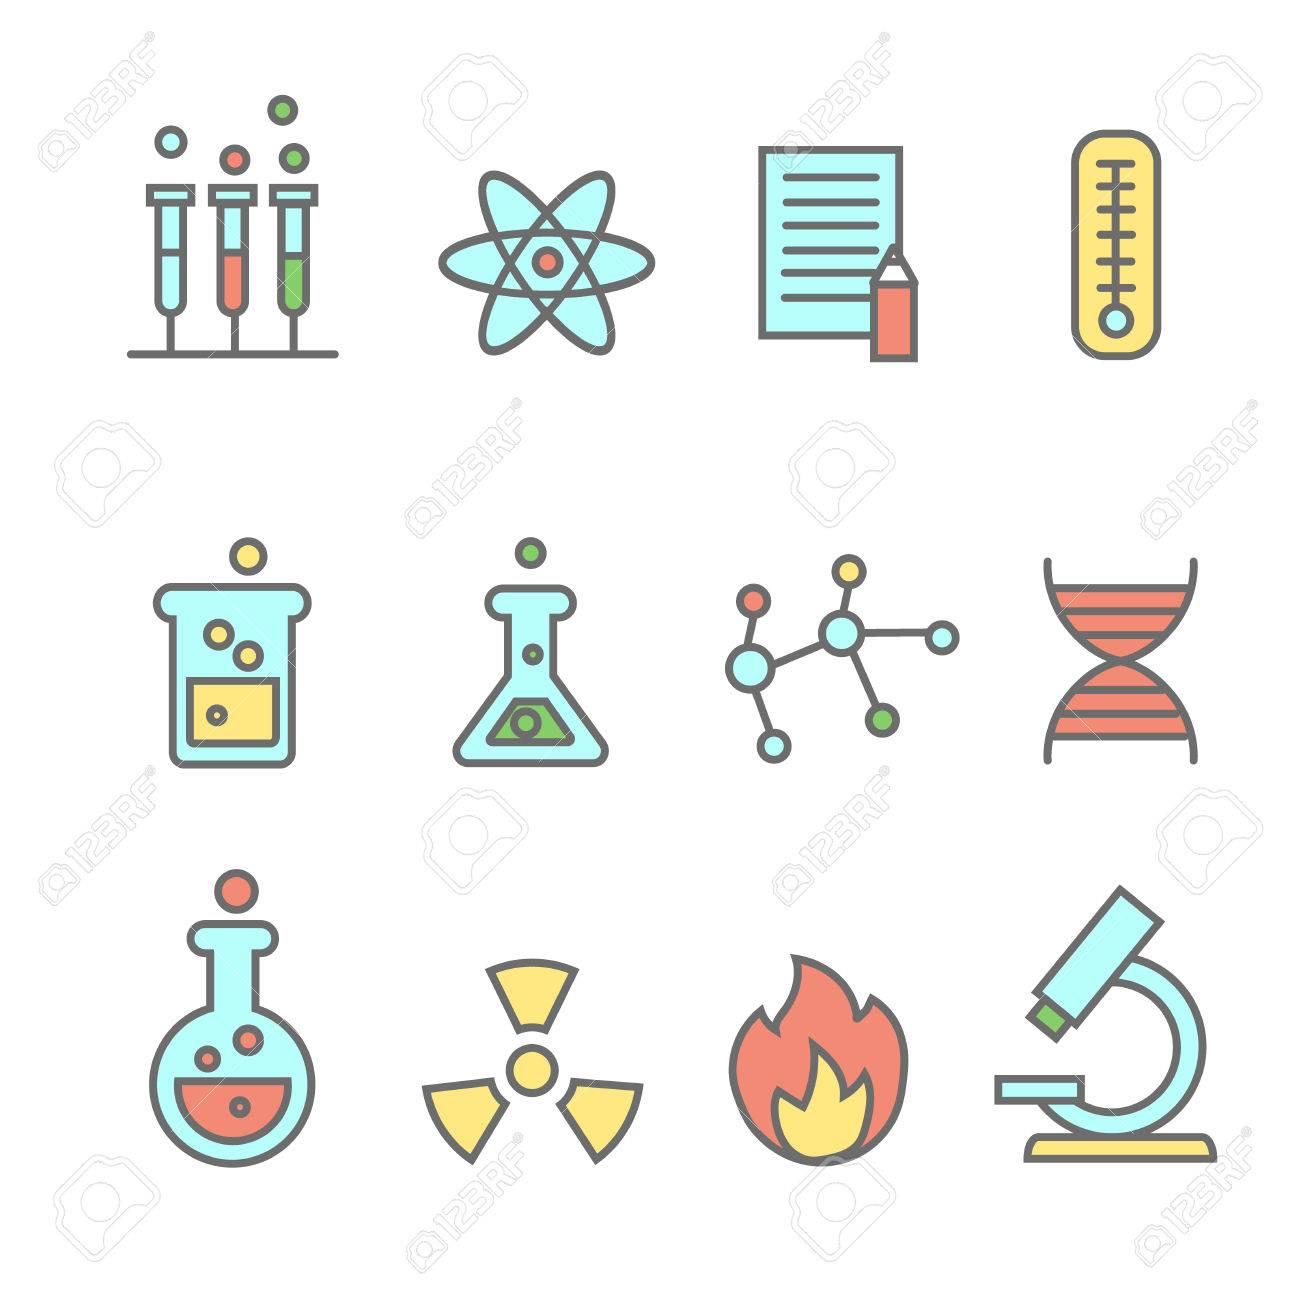 Científicos Iconos Experimentos La Línea De La Química Y La Tecnología De Los Biocombustibles Coloreado